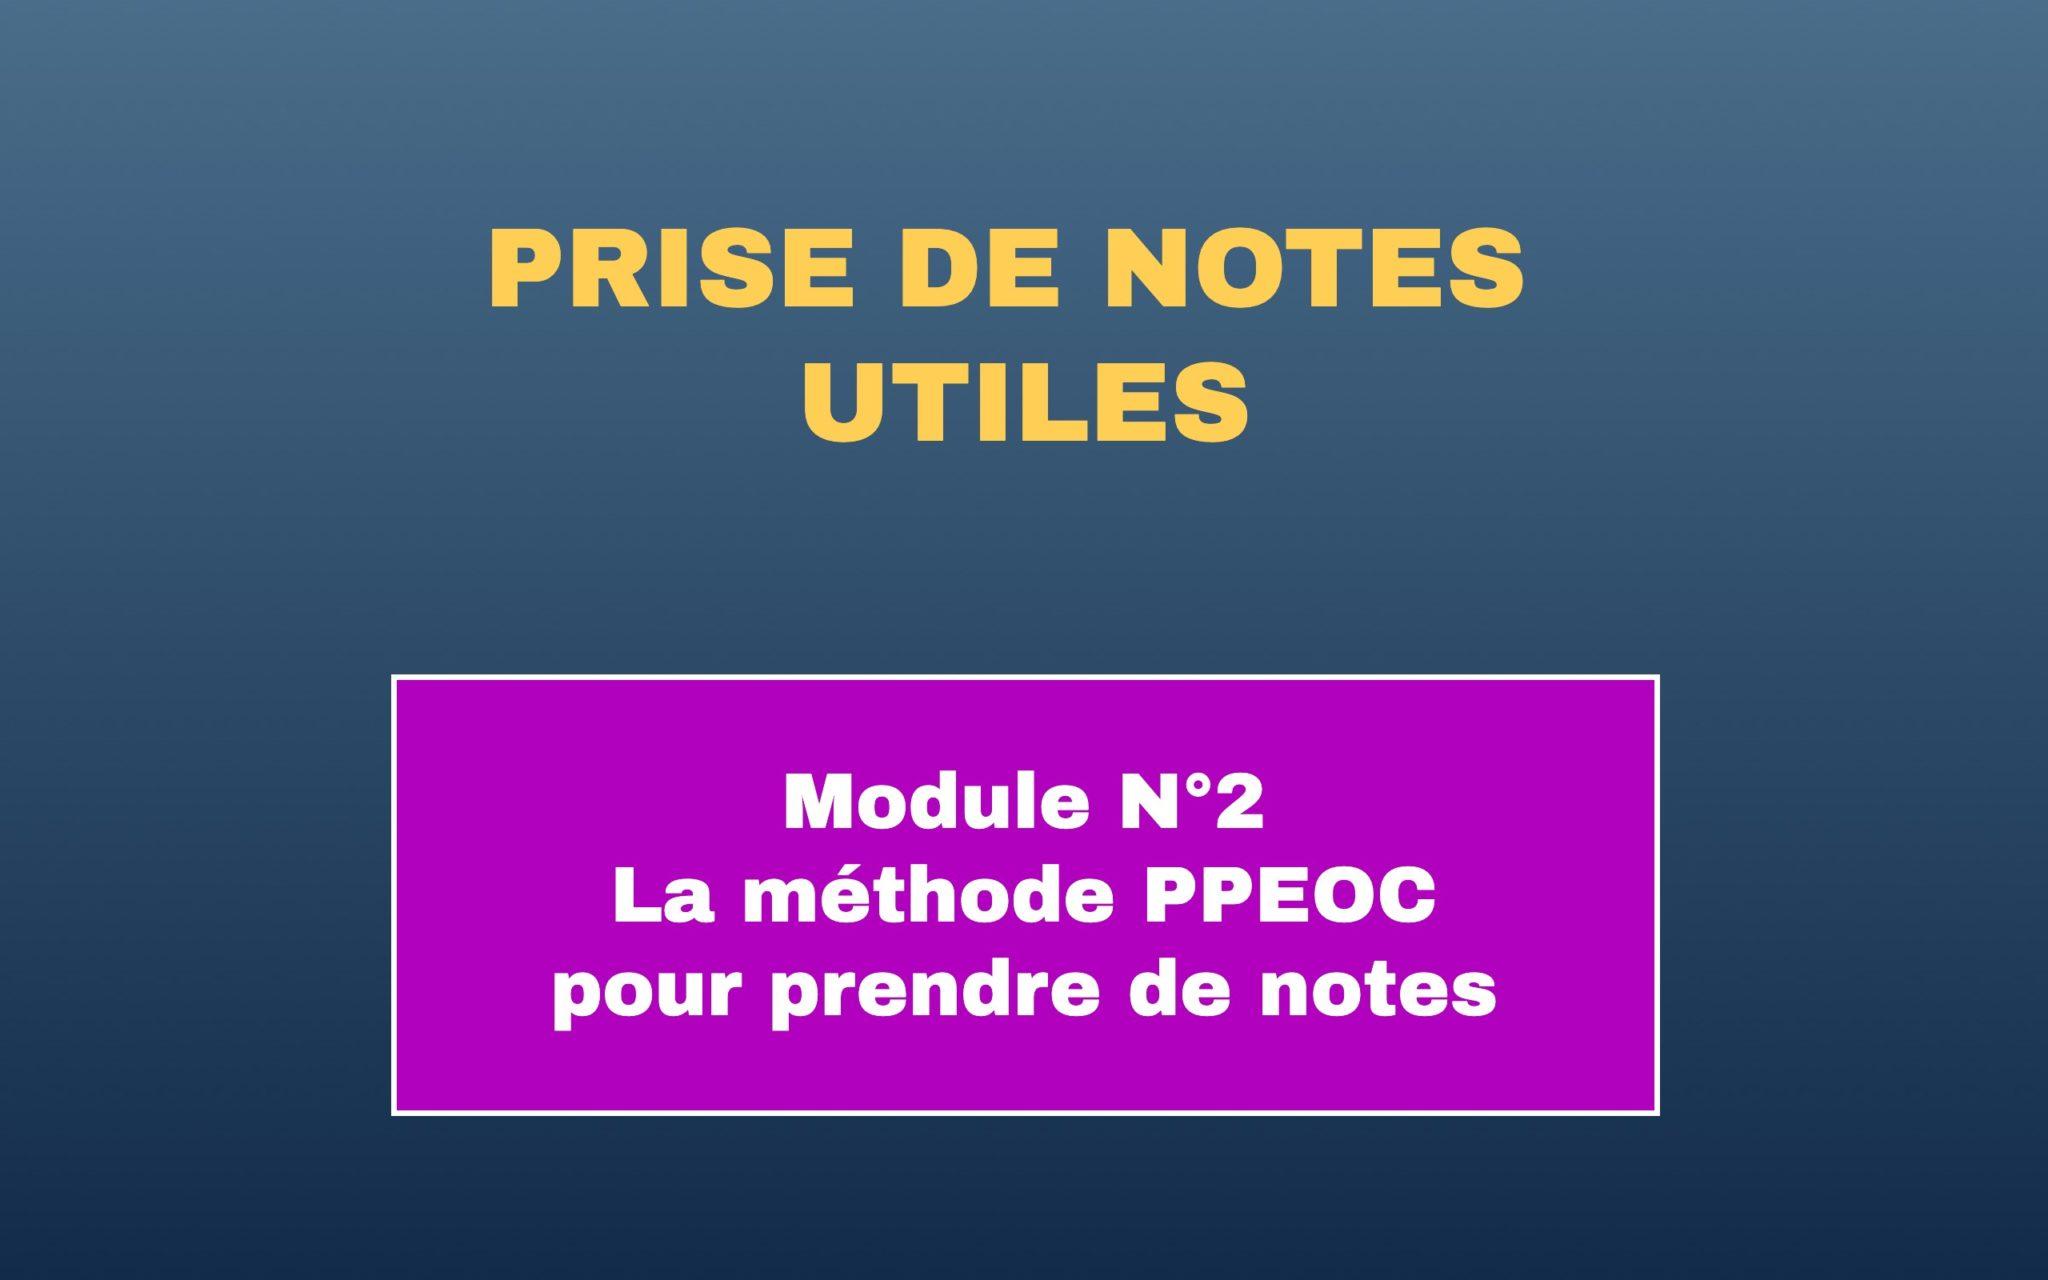 Prise de notes utiles module 2